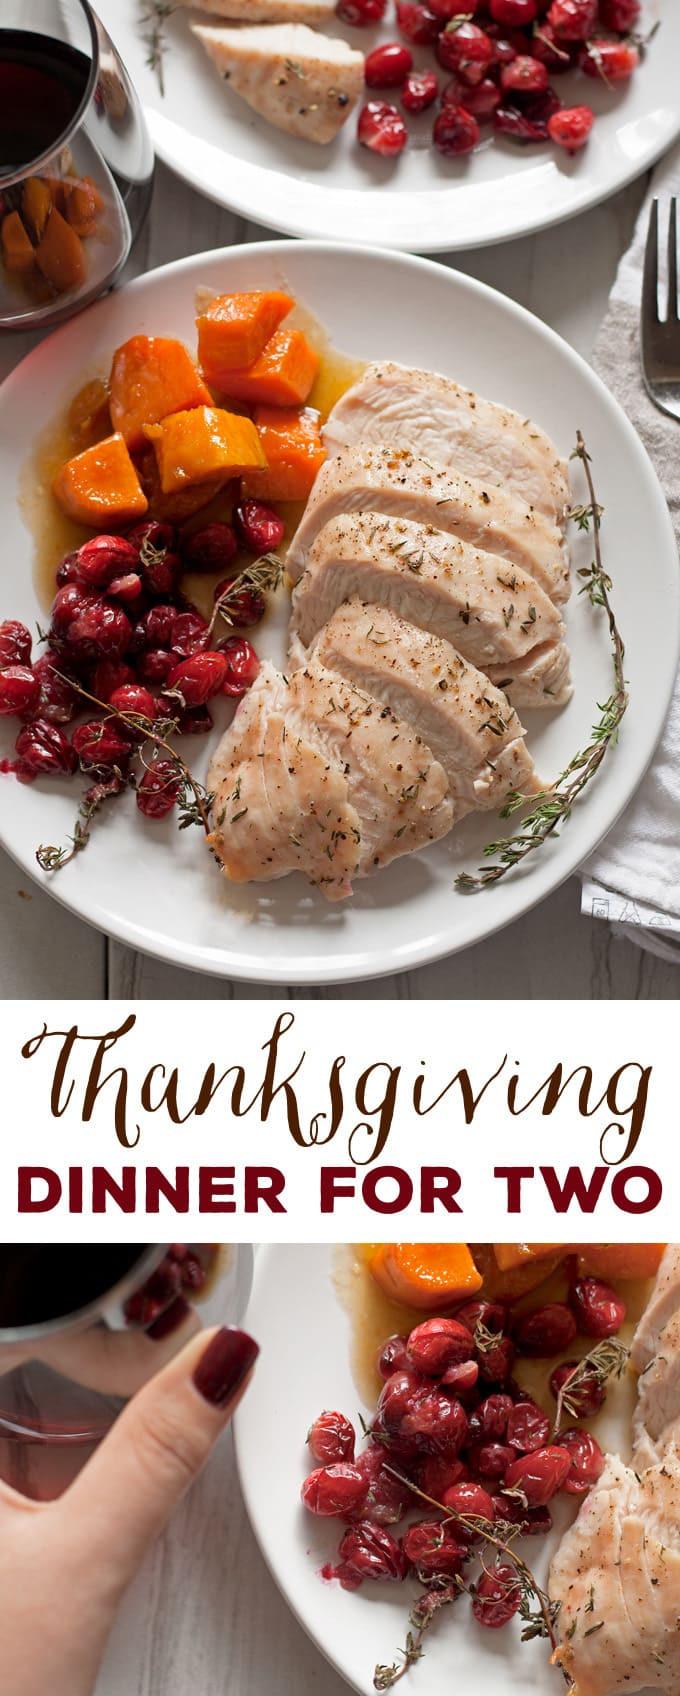 Simple Thanksgiving Dinner  Thanksgiving Dinner for Two Turkey Breast Dinner for Two